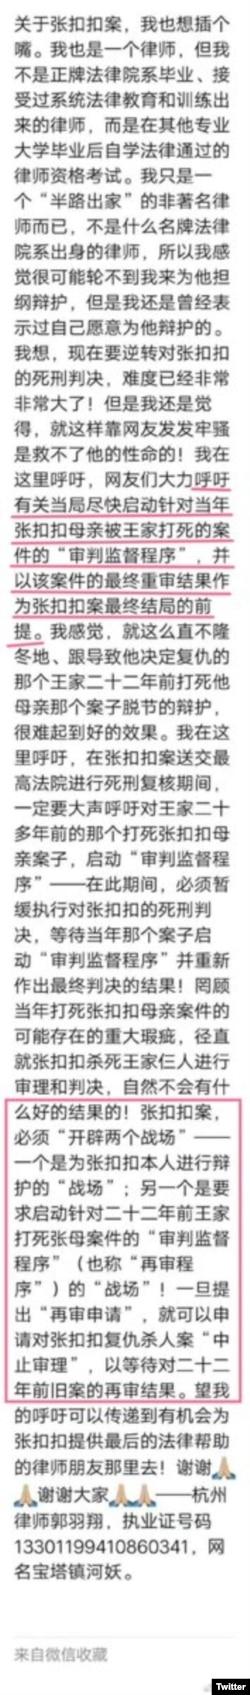 杭州律师郭羽翔文章截图